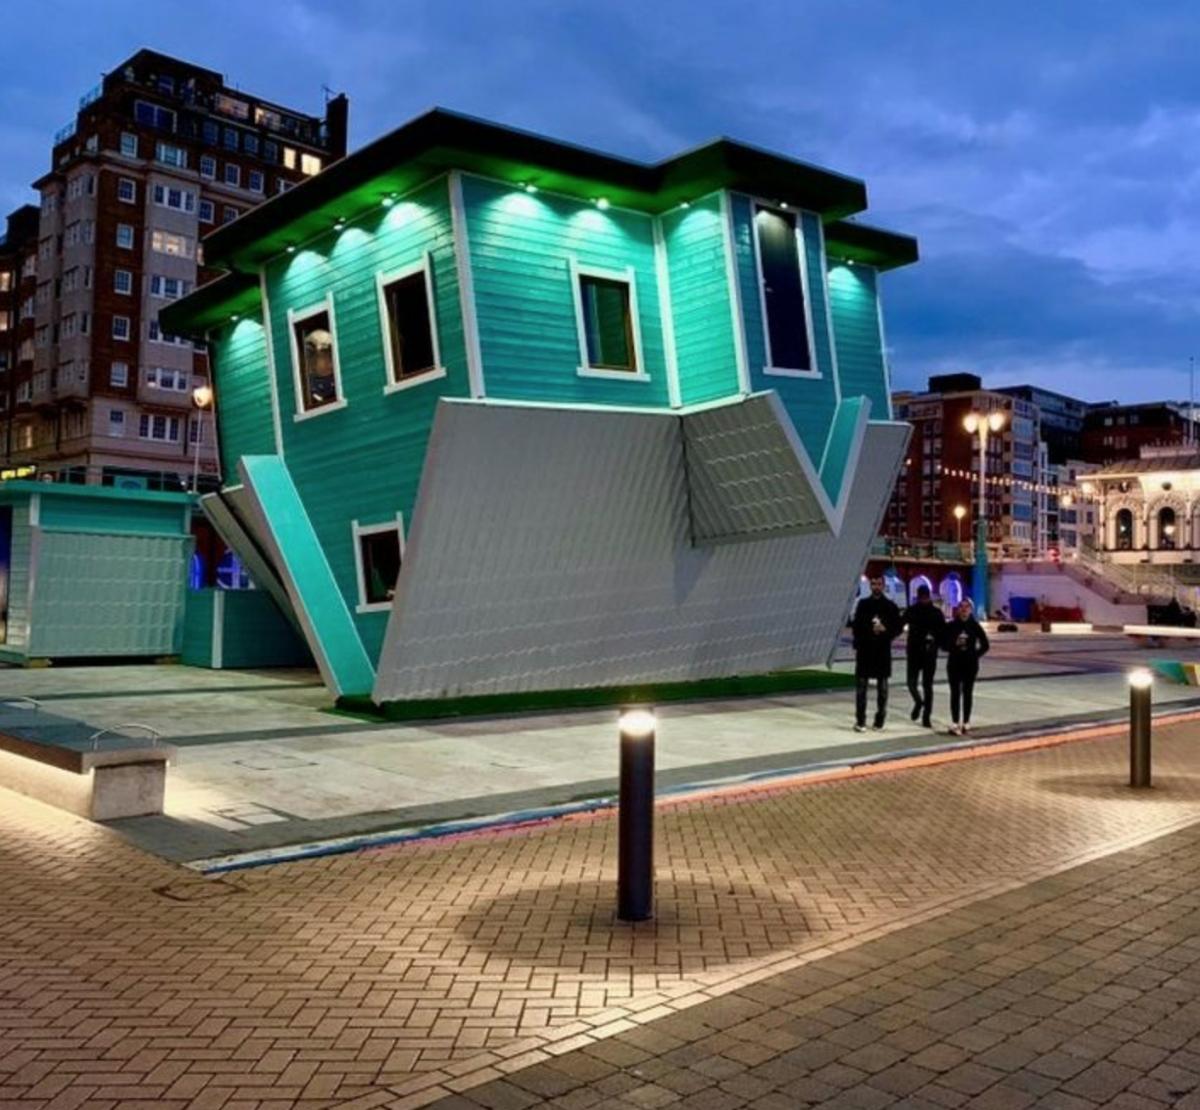 'Ngôi nhà lộn ngược' ở thành phố Brighton, nước Anh được sử dụng như một công trình giải trí (nhà gương ảo ảnh)